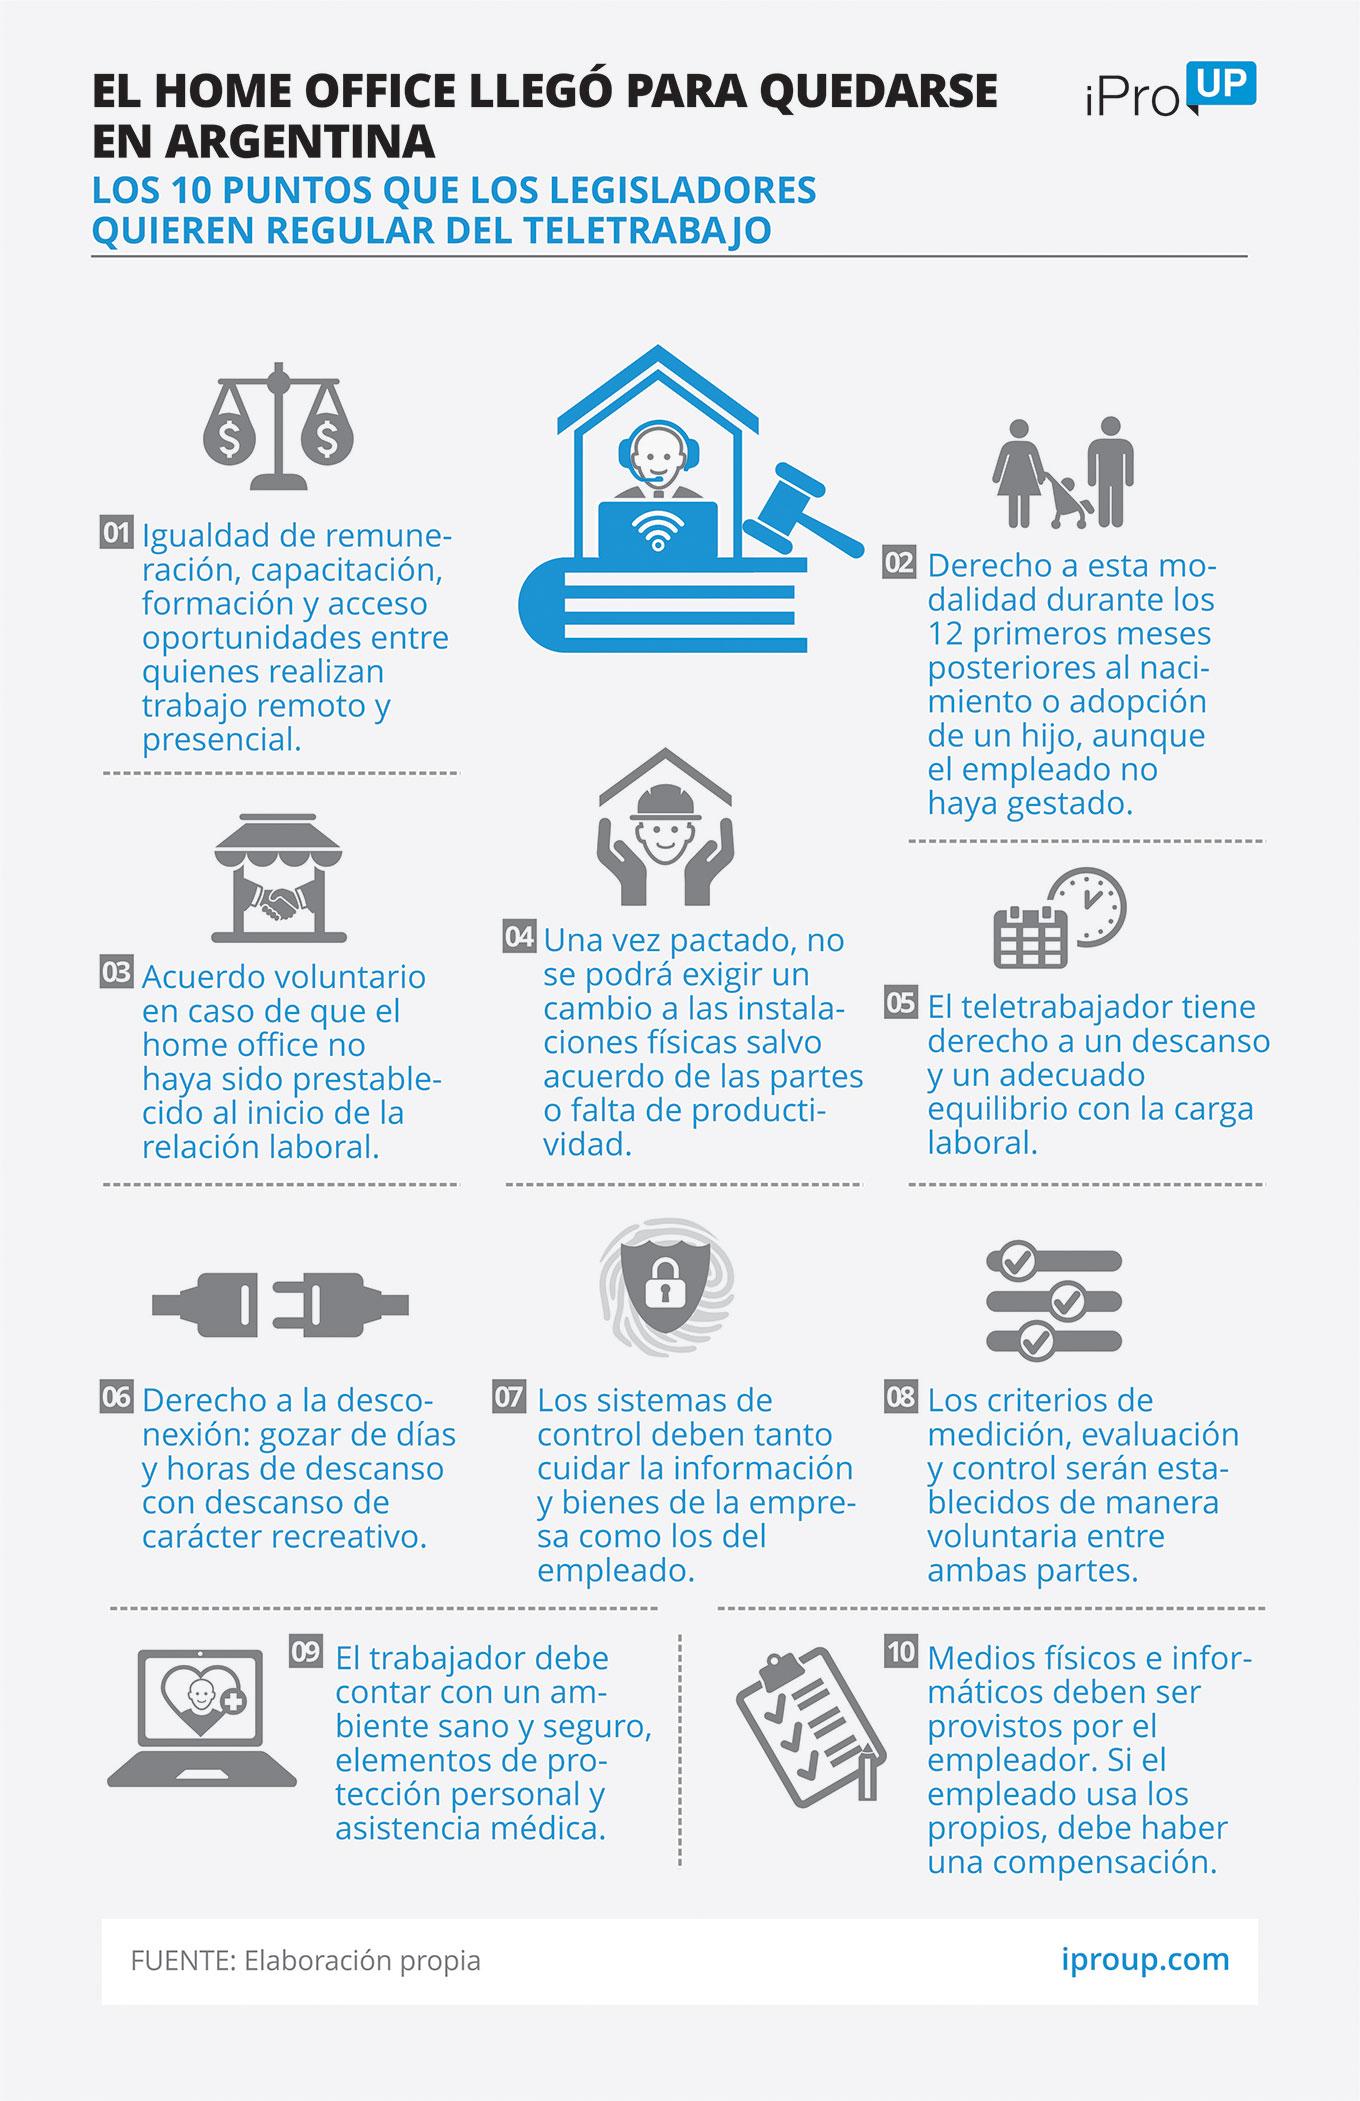 Infografía del Home Office en Argentina